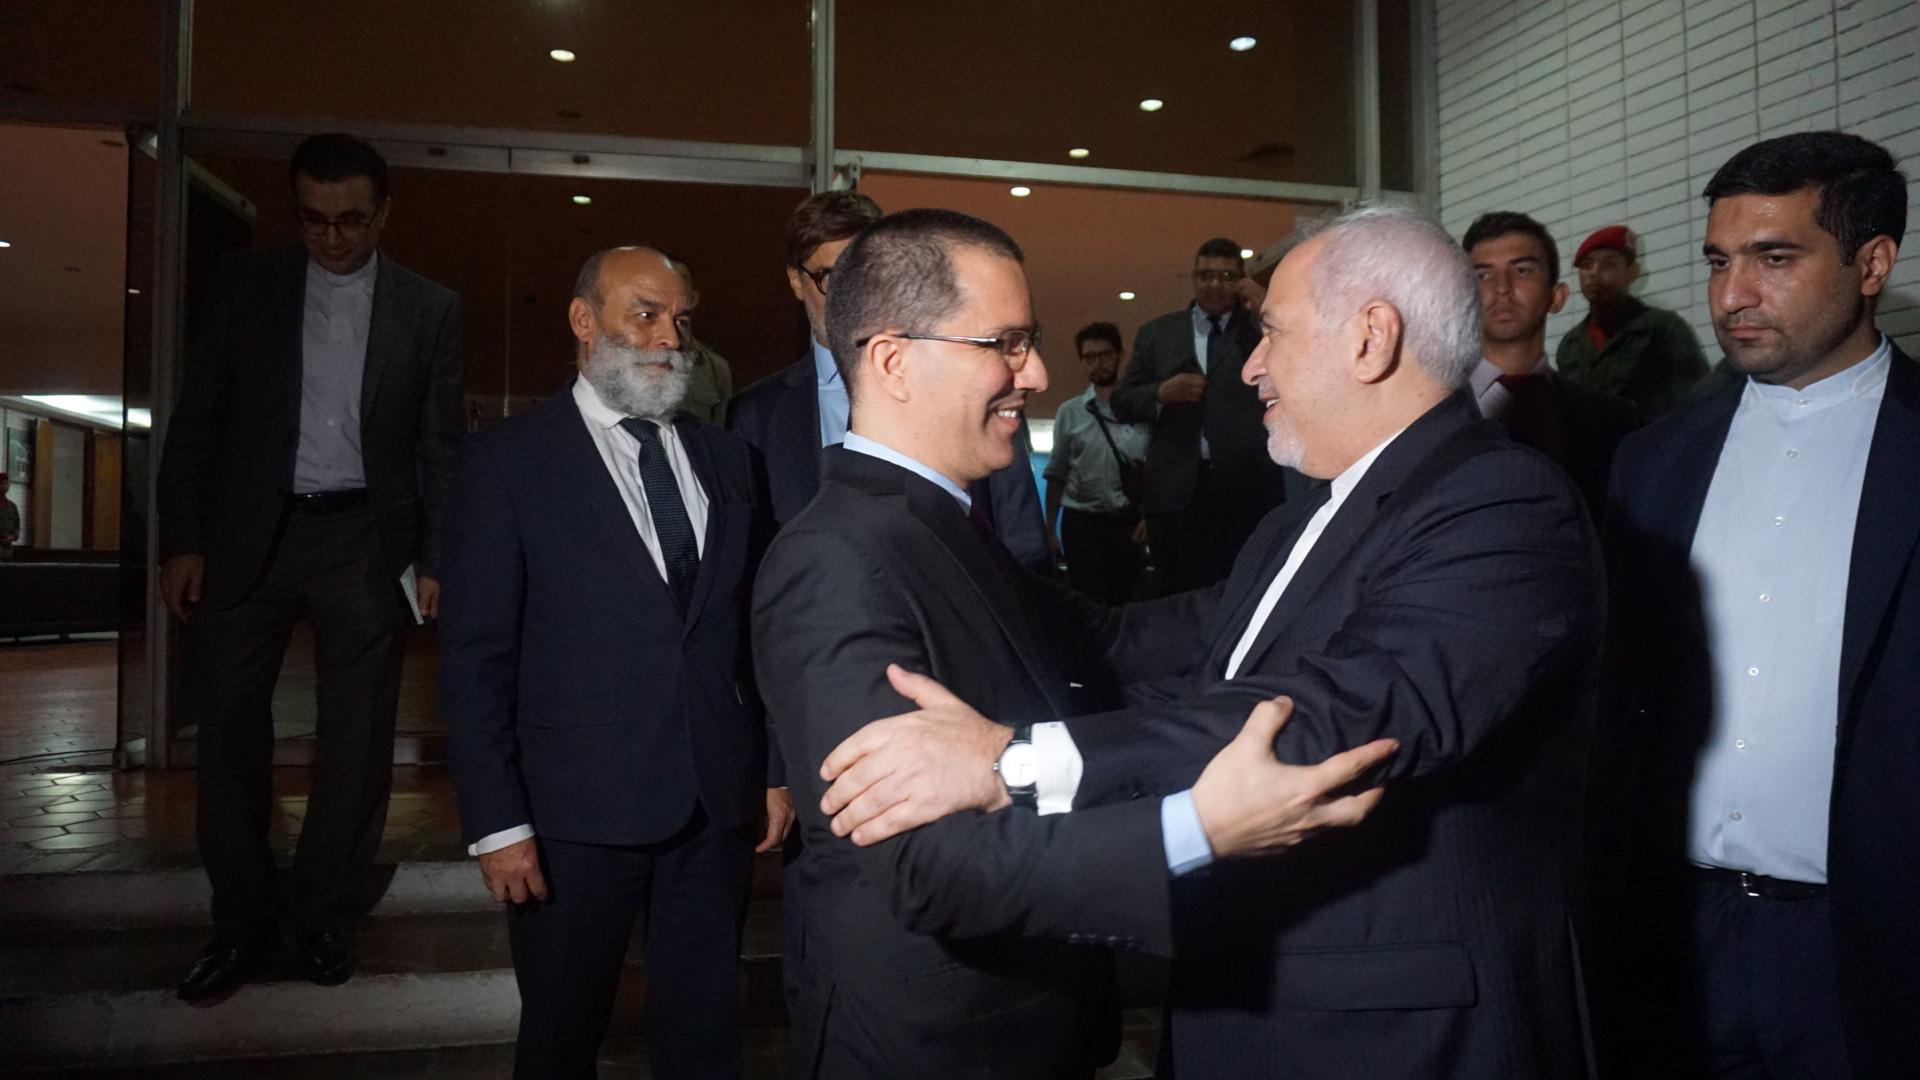 Ministro de Asuntos Exteriores de Irán arriba a Venezuela para participar en la Reunión Ministerial del Buró de Coordinación del Mnoal